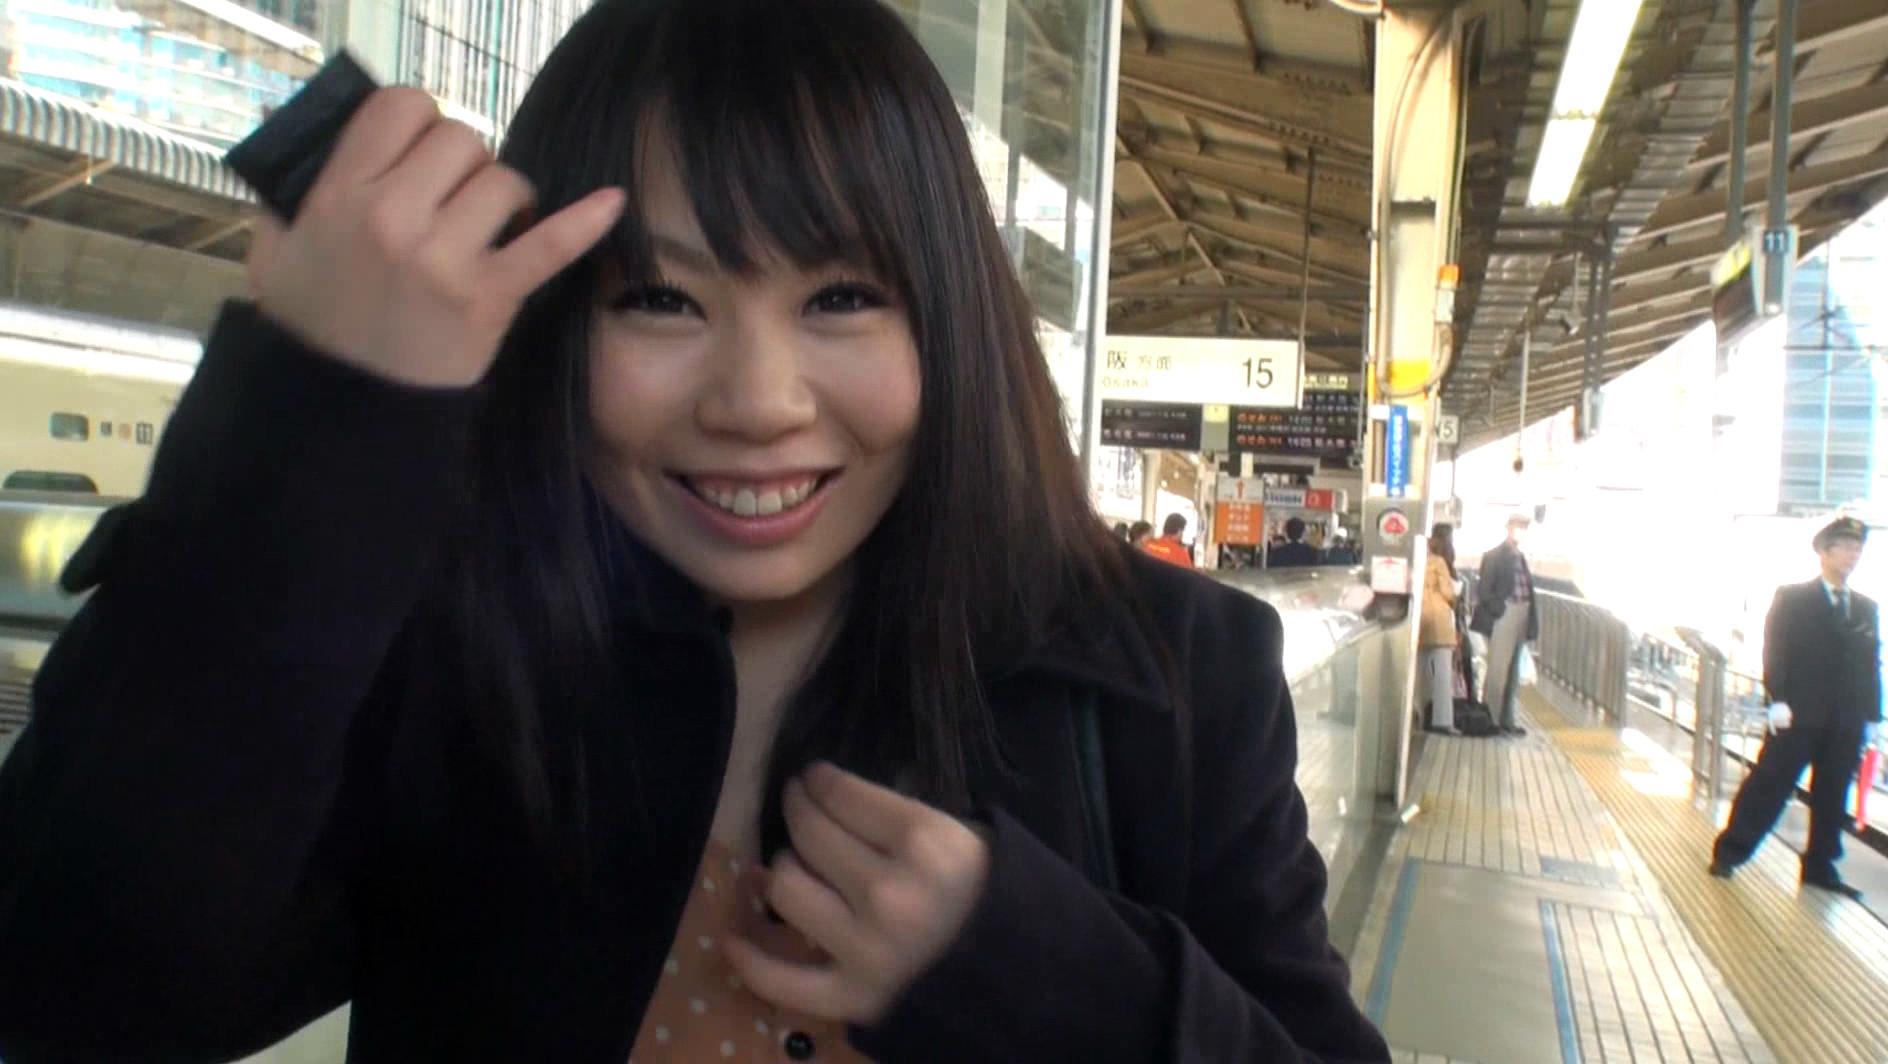 – 淫らすぎる!巨乳ジュ アアイドル撮影現場 アダルトビデオ 2